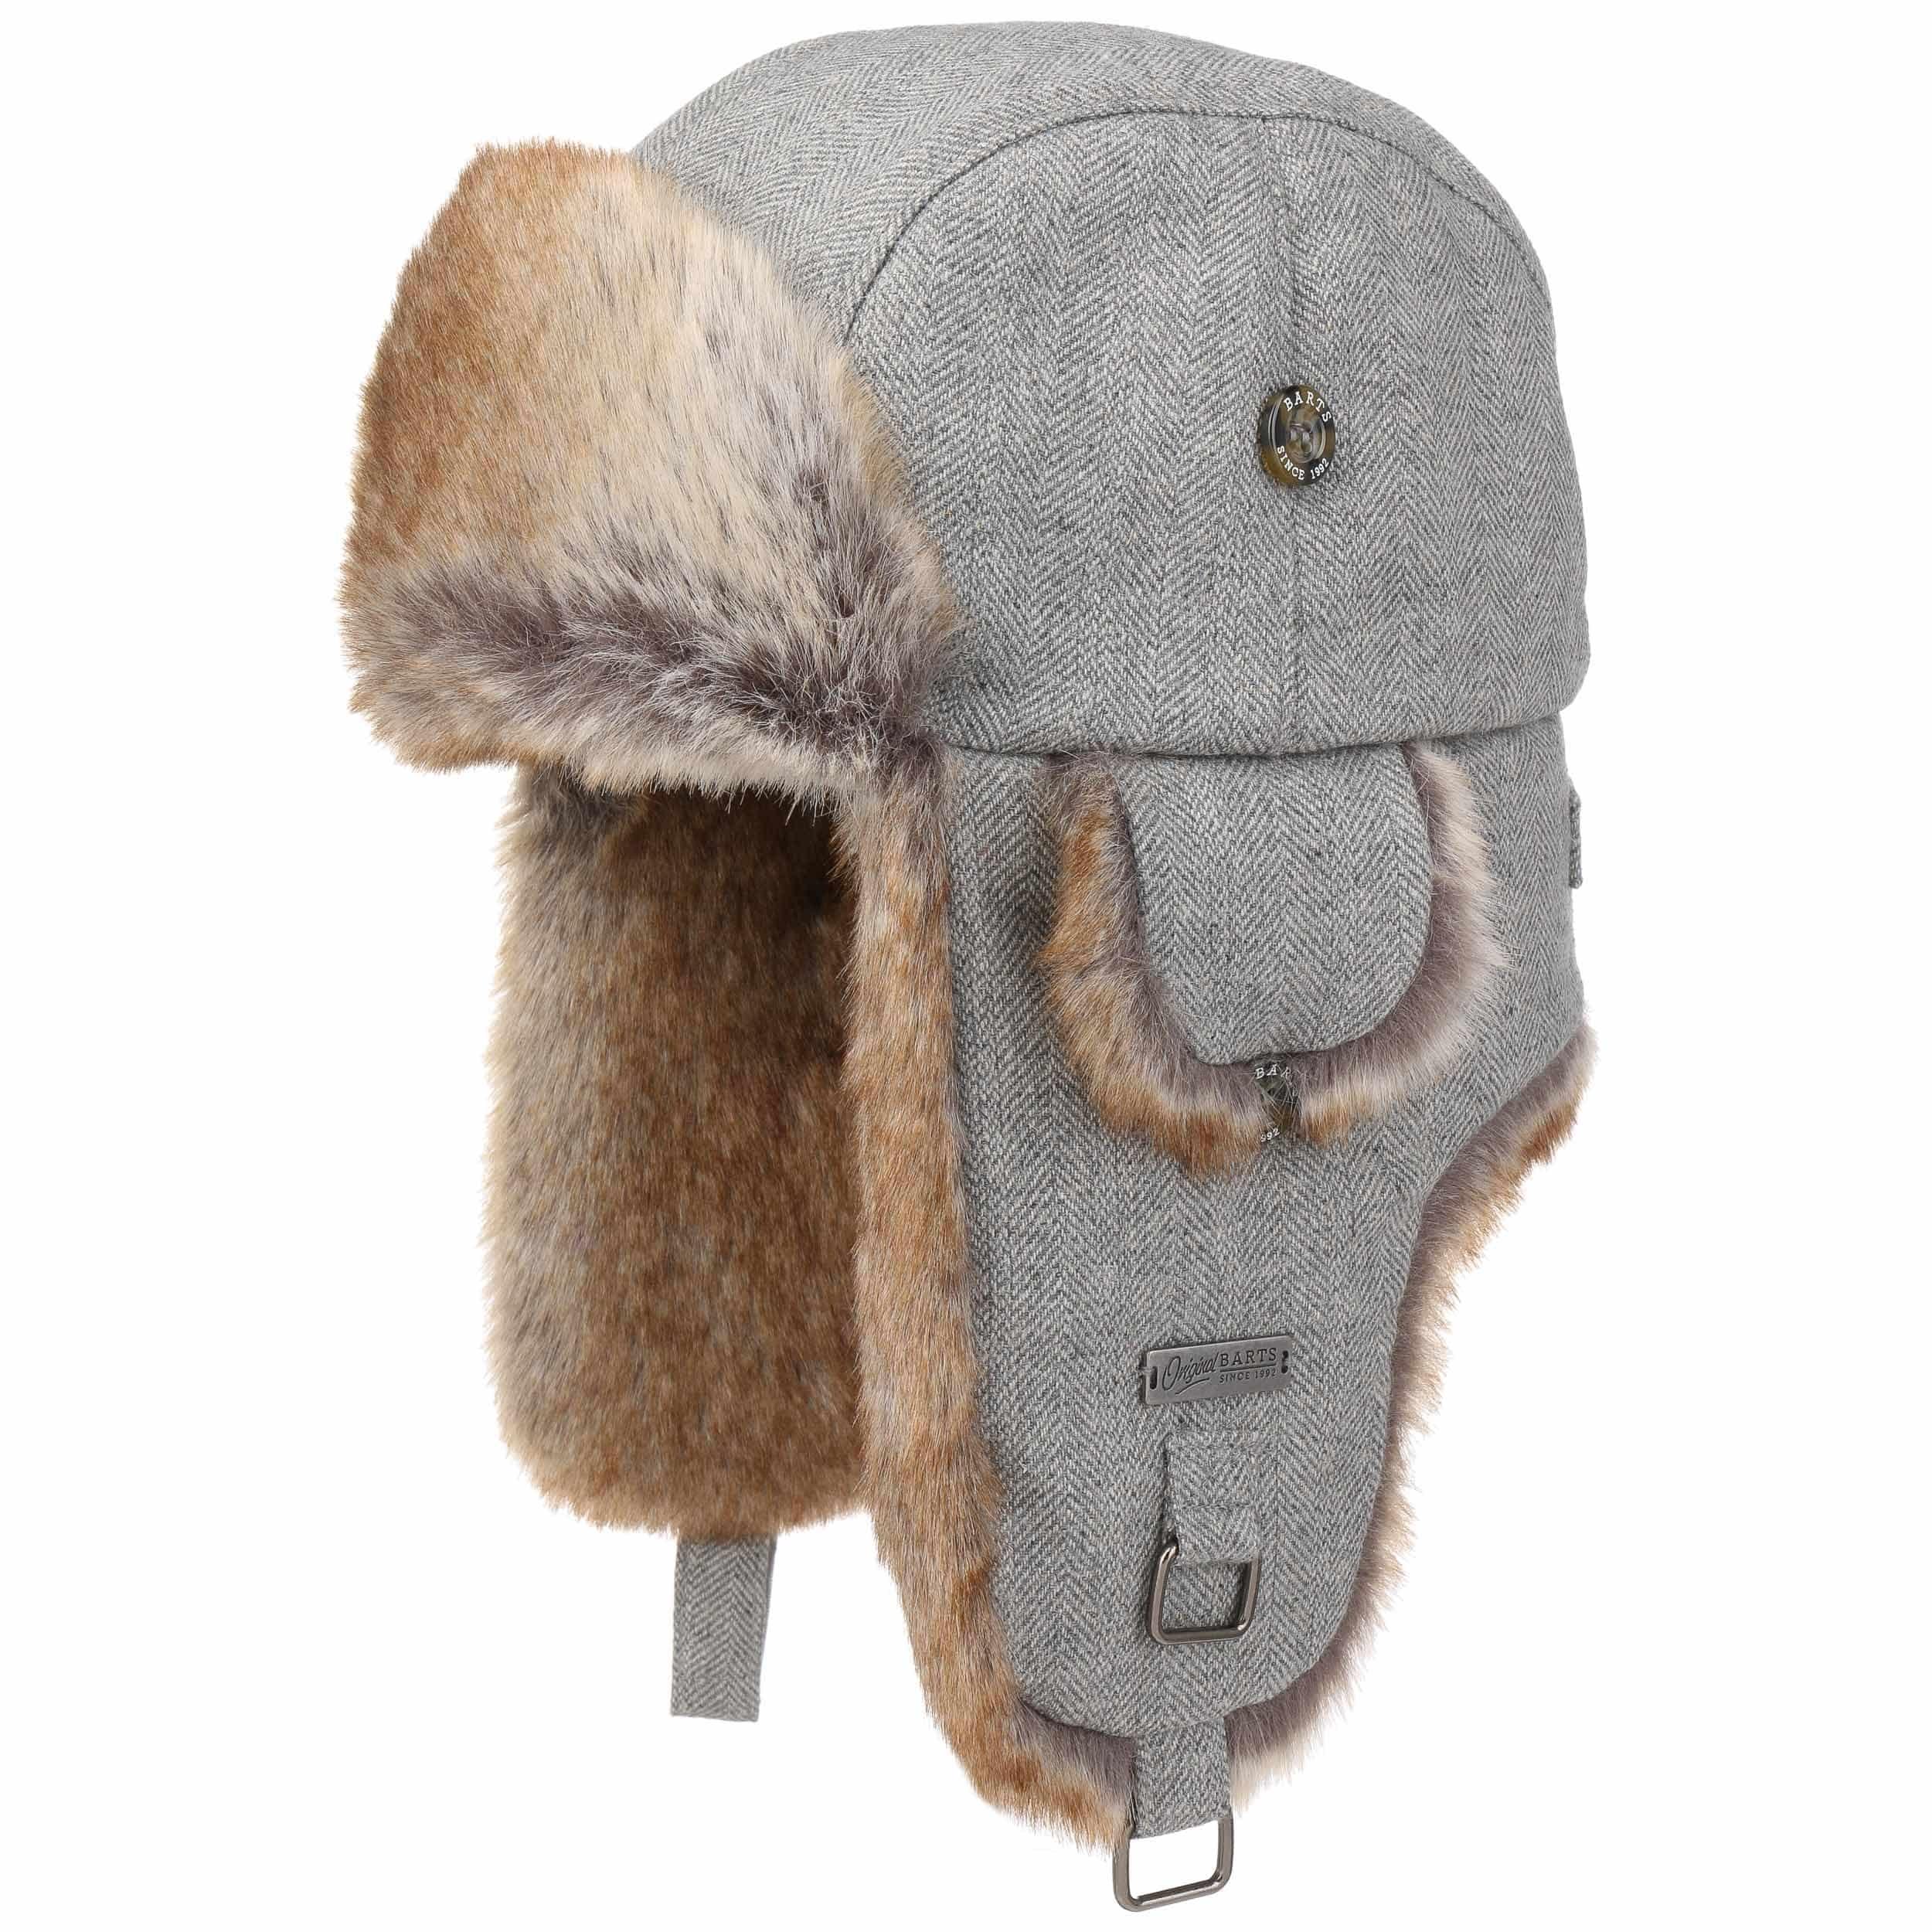 chapka kamikaze by herringbone barts eur 39 99 chapeaux casquettes et bonnets en ligne. Black Bedroom Furniture Sets. Home Design Ideas